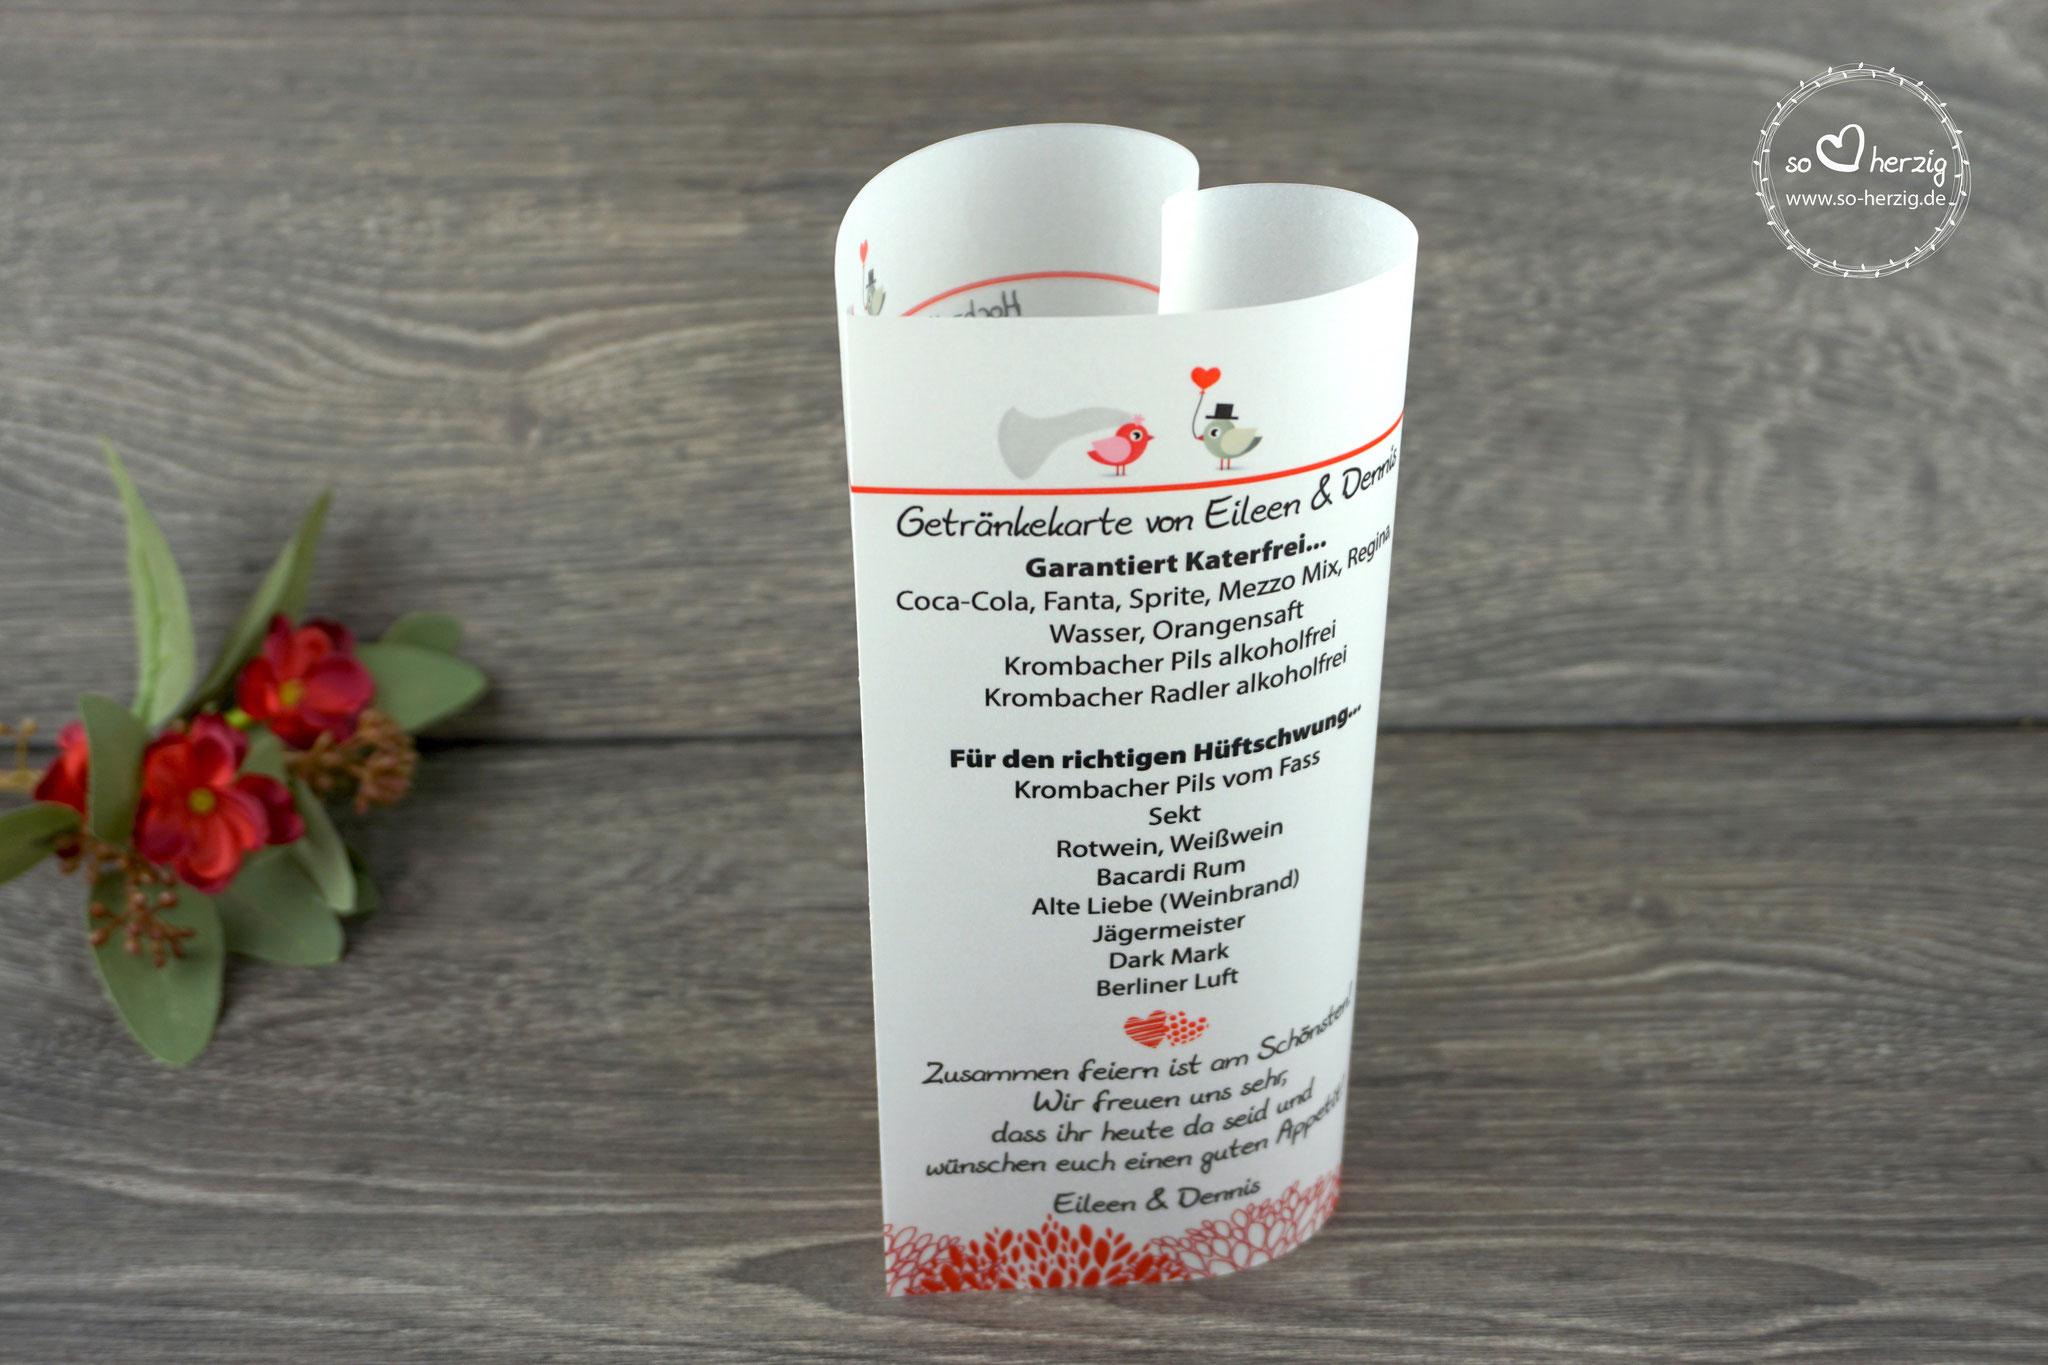 Menü,- und Getränkekarte 17cm, Design Hochzeitsvögel, Farbe Graubraun/Rot, Schrift Julius B Thyssen